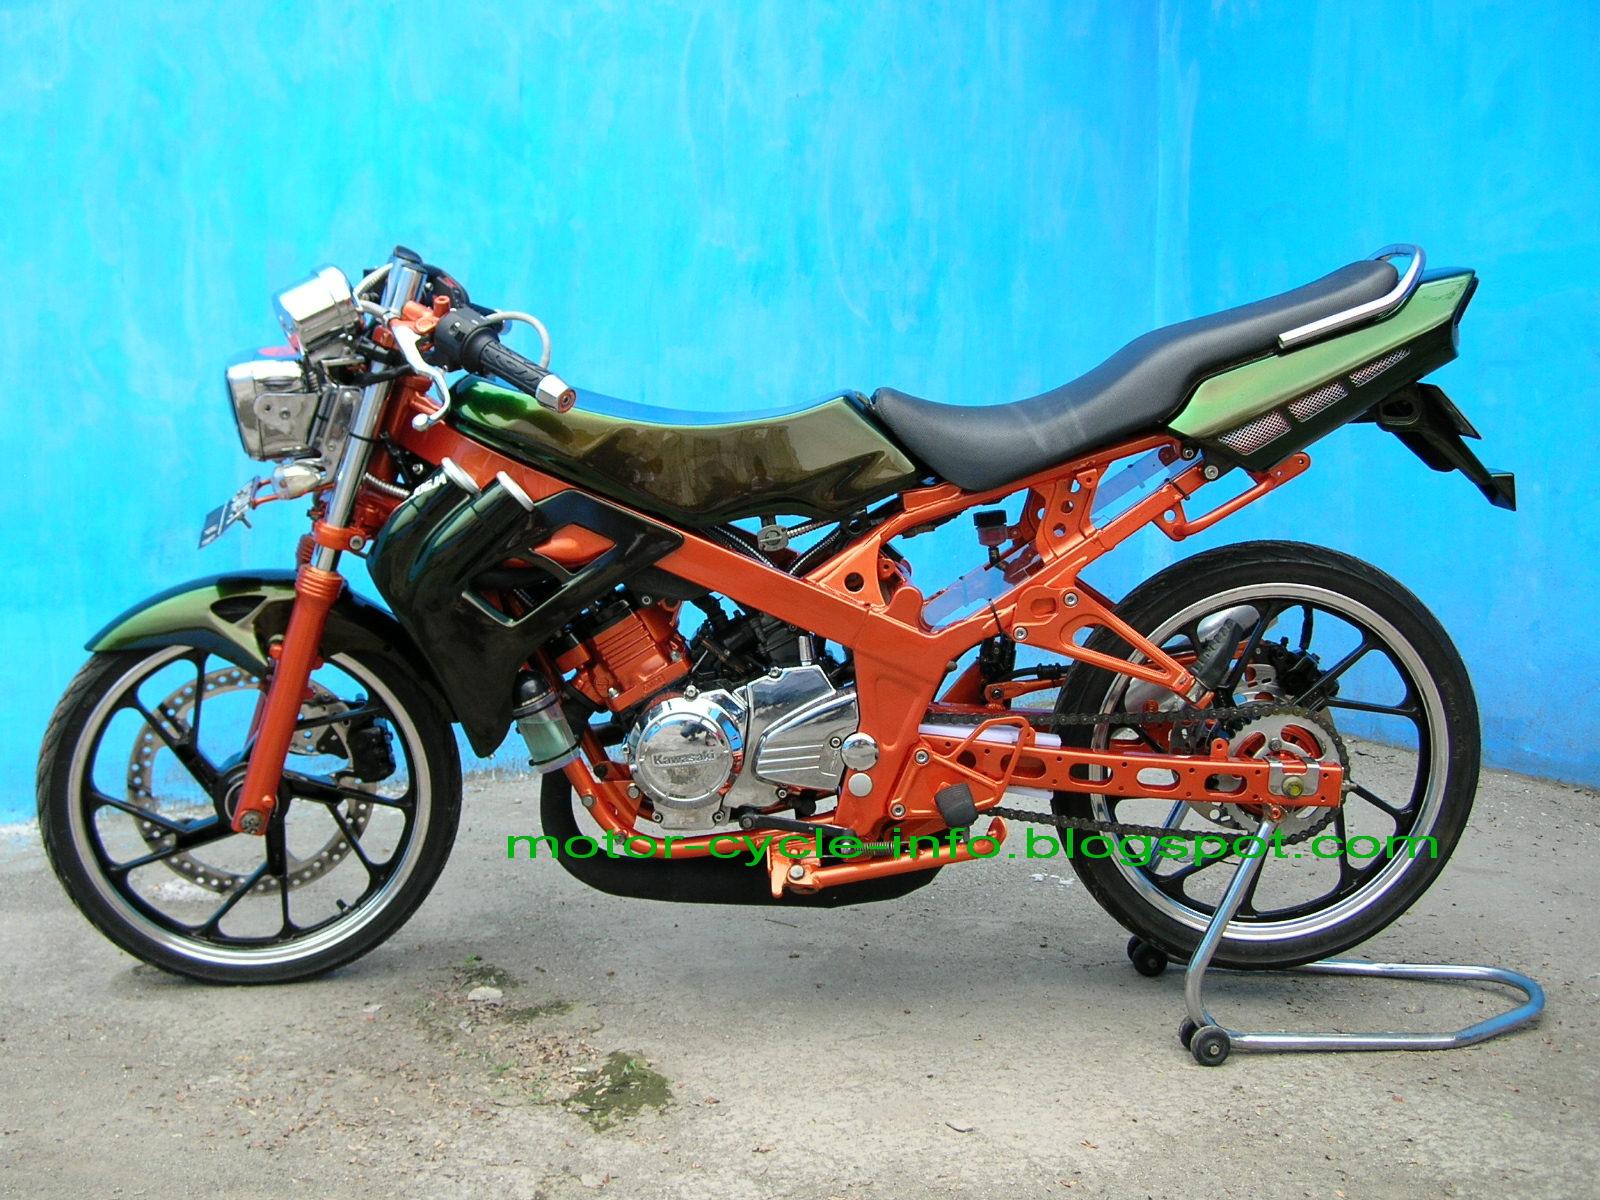 99 Gambar Motor Ninja 150 Modifikasi Terbaru Dan